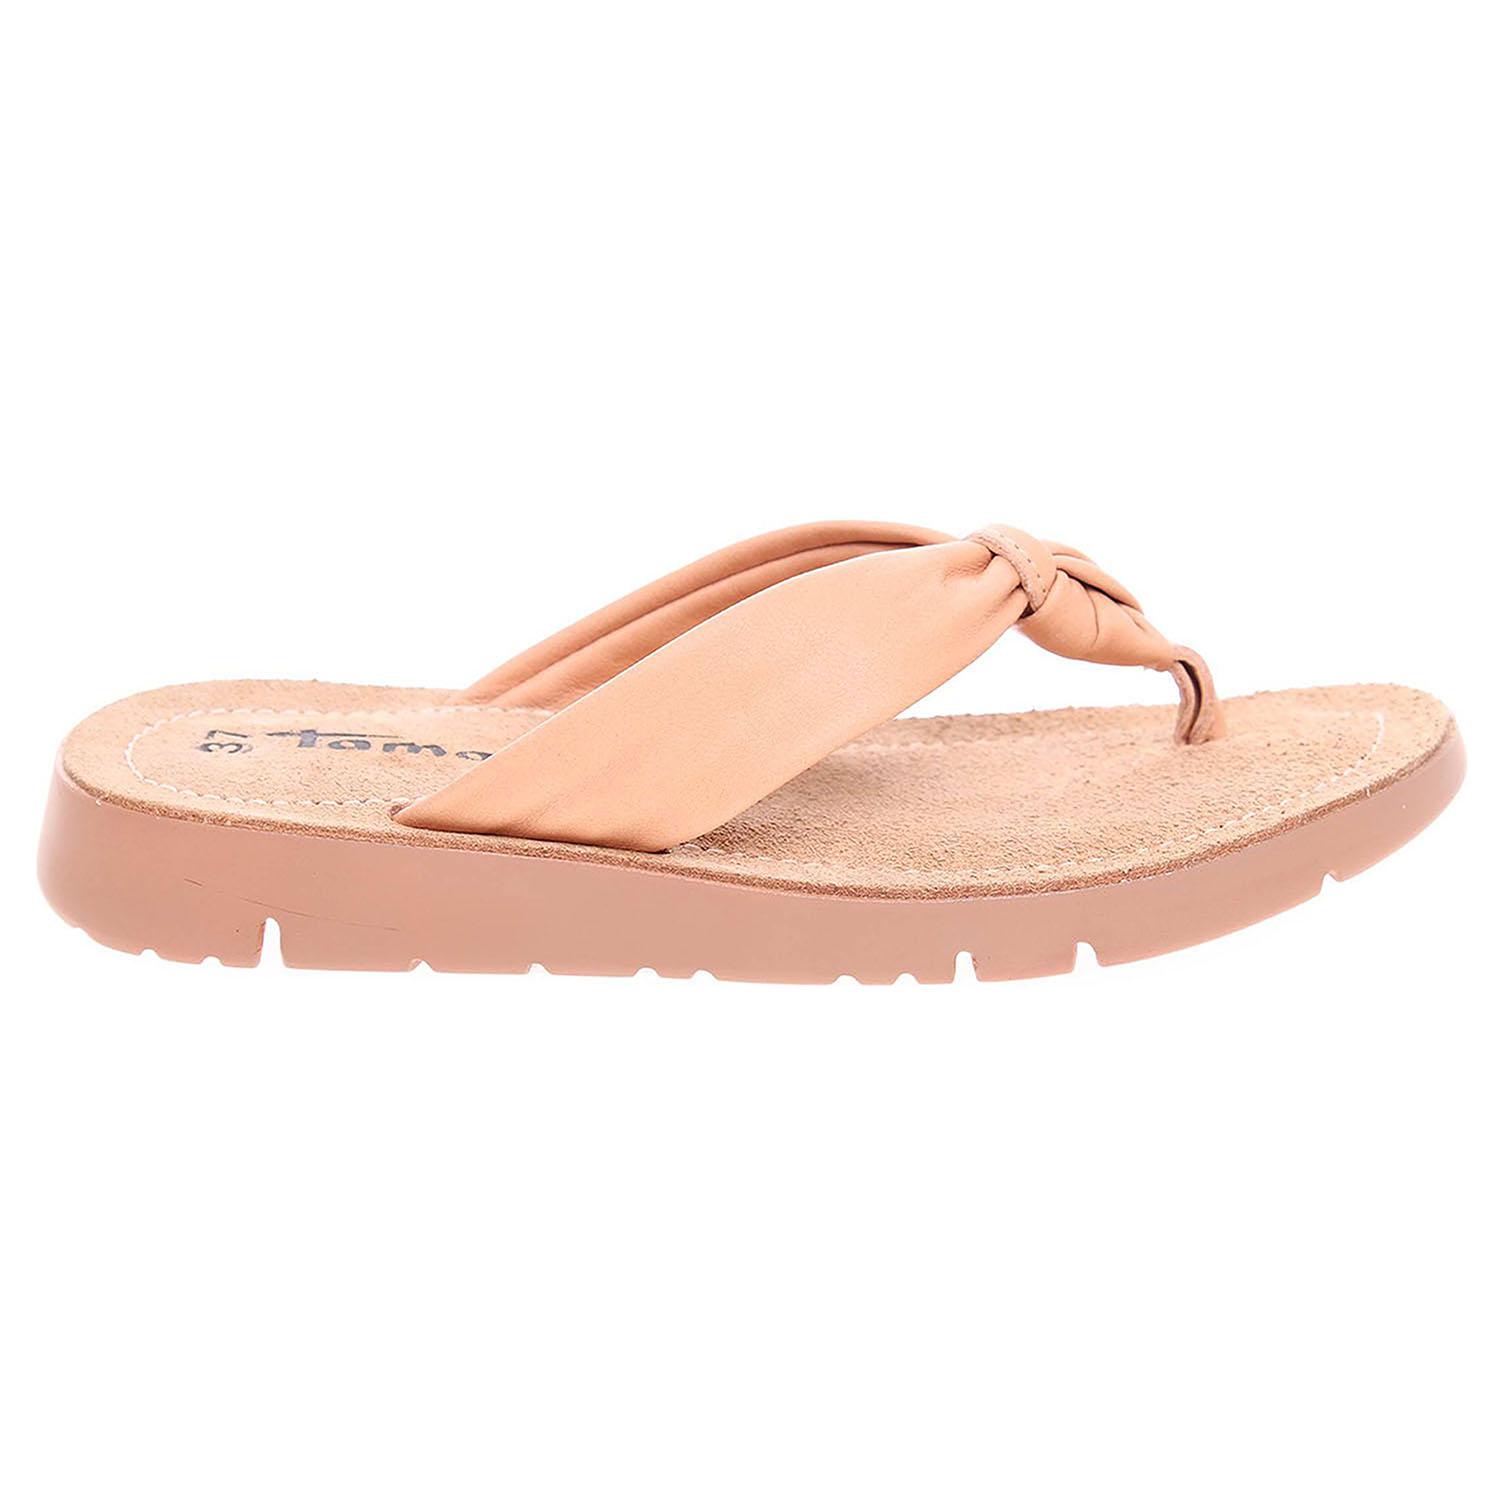 Ecco Tamaris dámské pantofle 1-27124-38 béžové 23600806